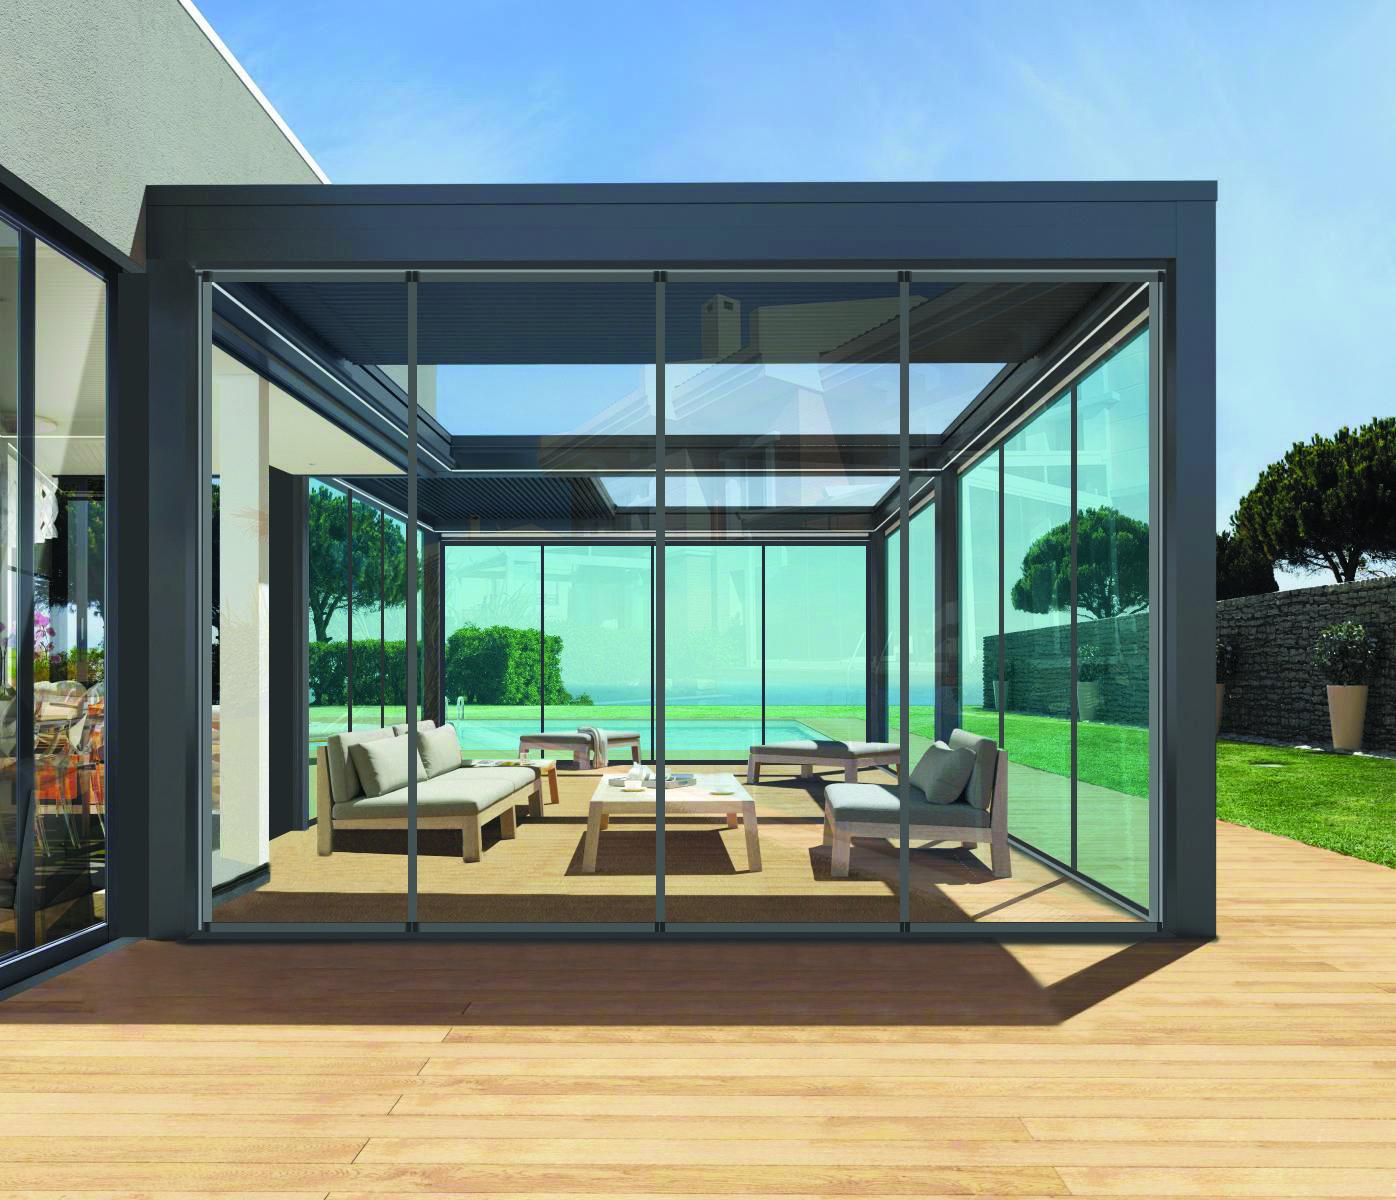 Giardino D Inverno In Vetro veranda realizzata con una copertura amovibile e chiusure